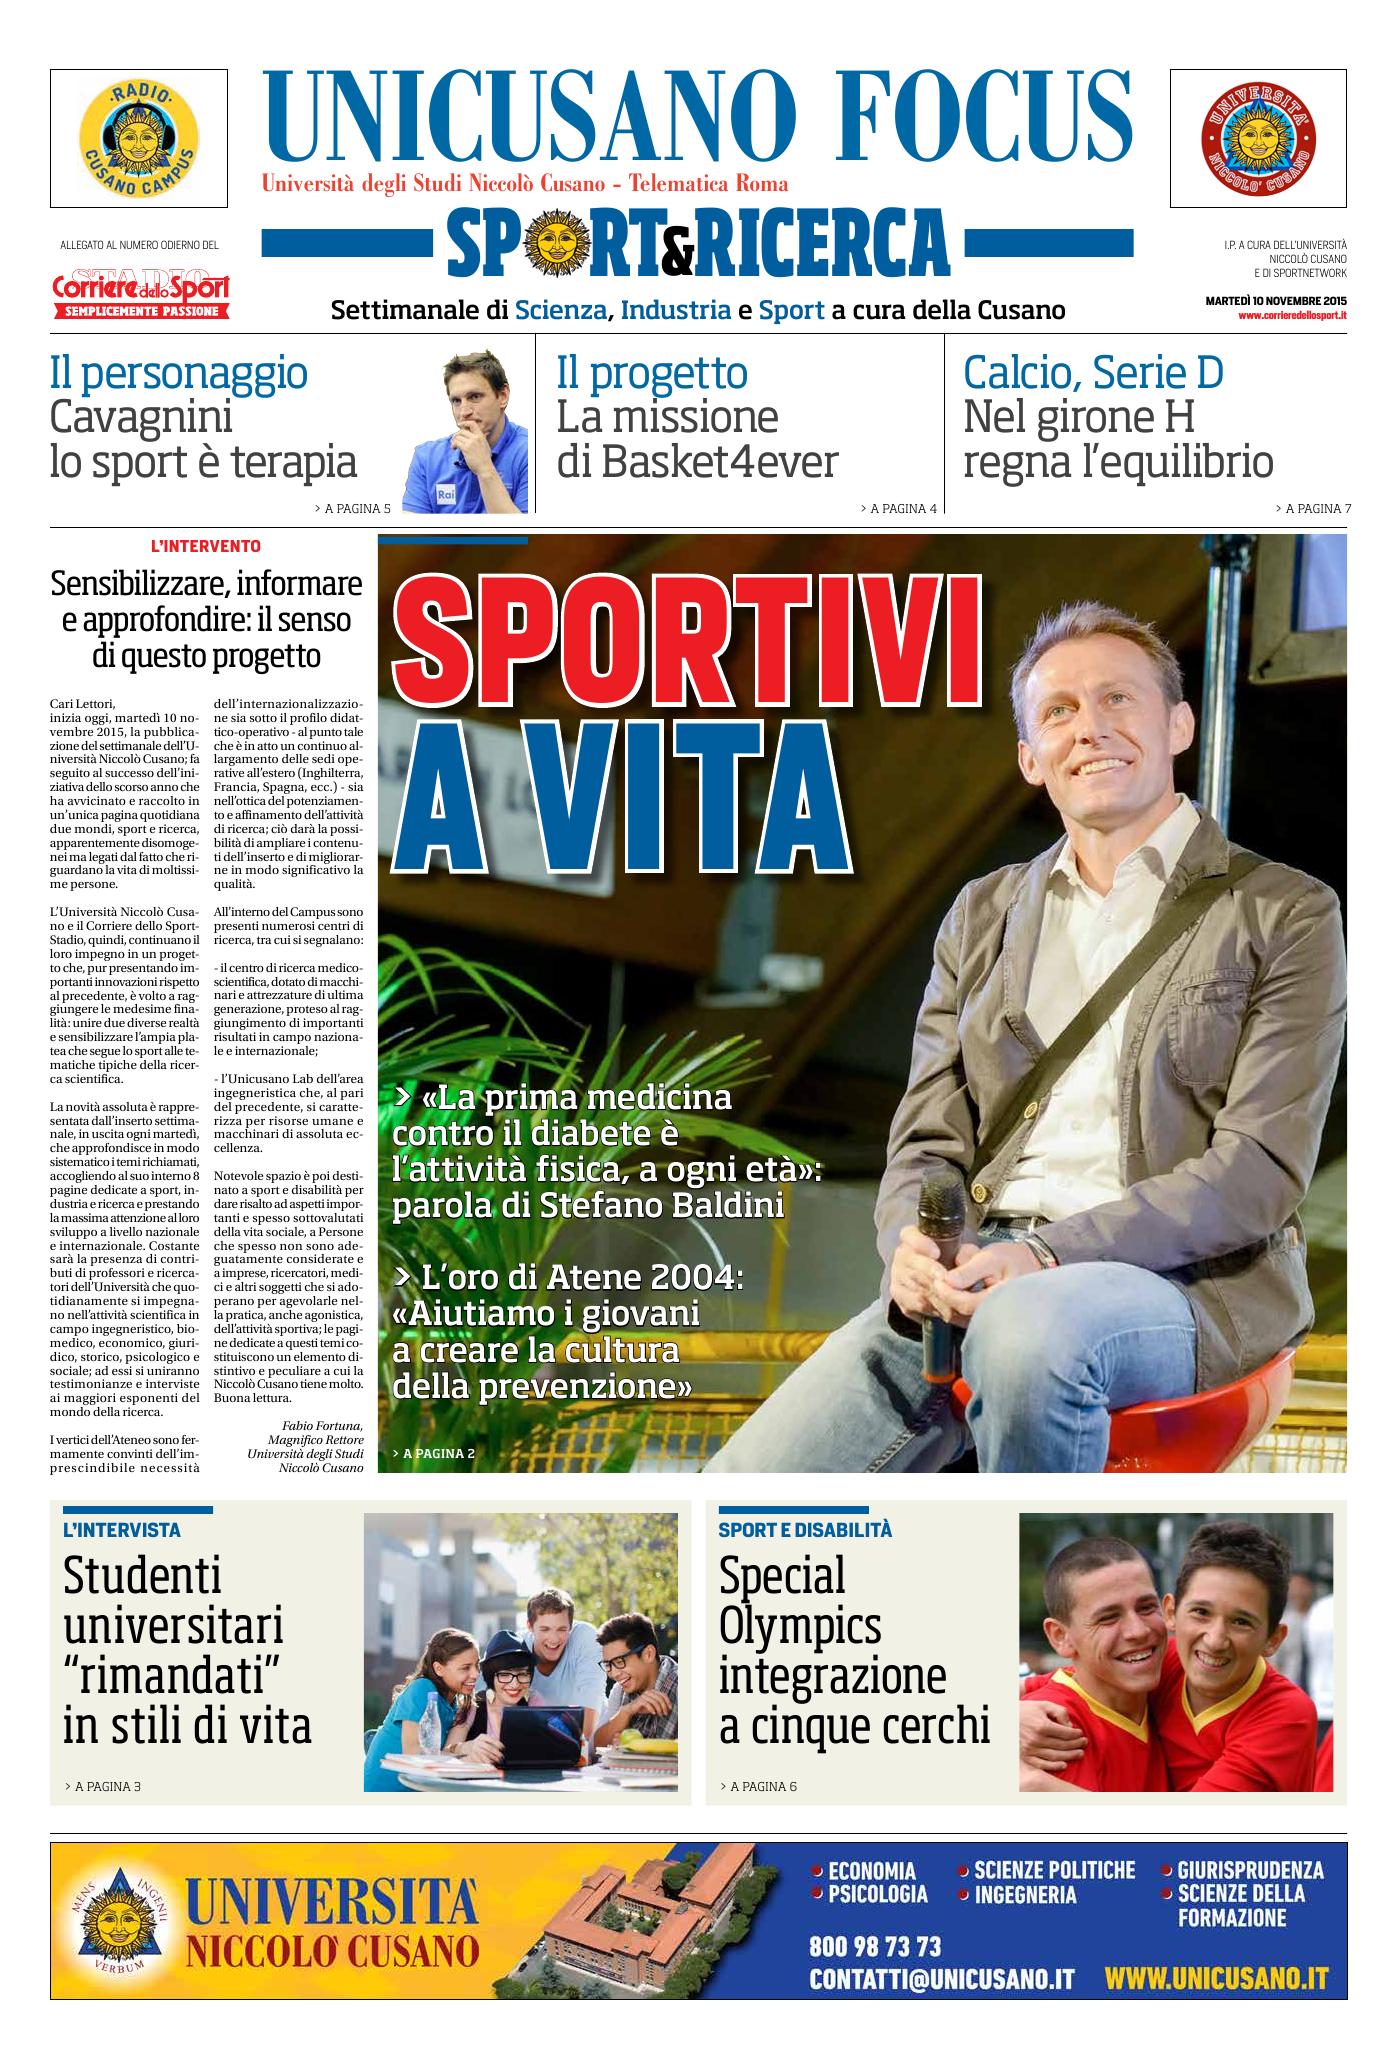 10 novembre 2015, il primo numero di Unicusano Focus Sport e Ricerca